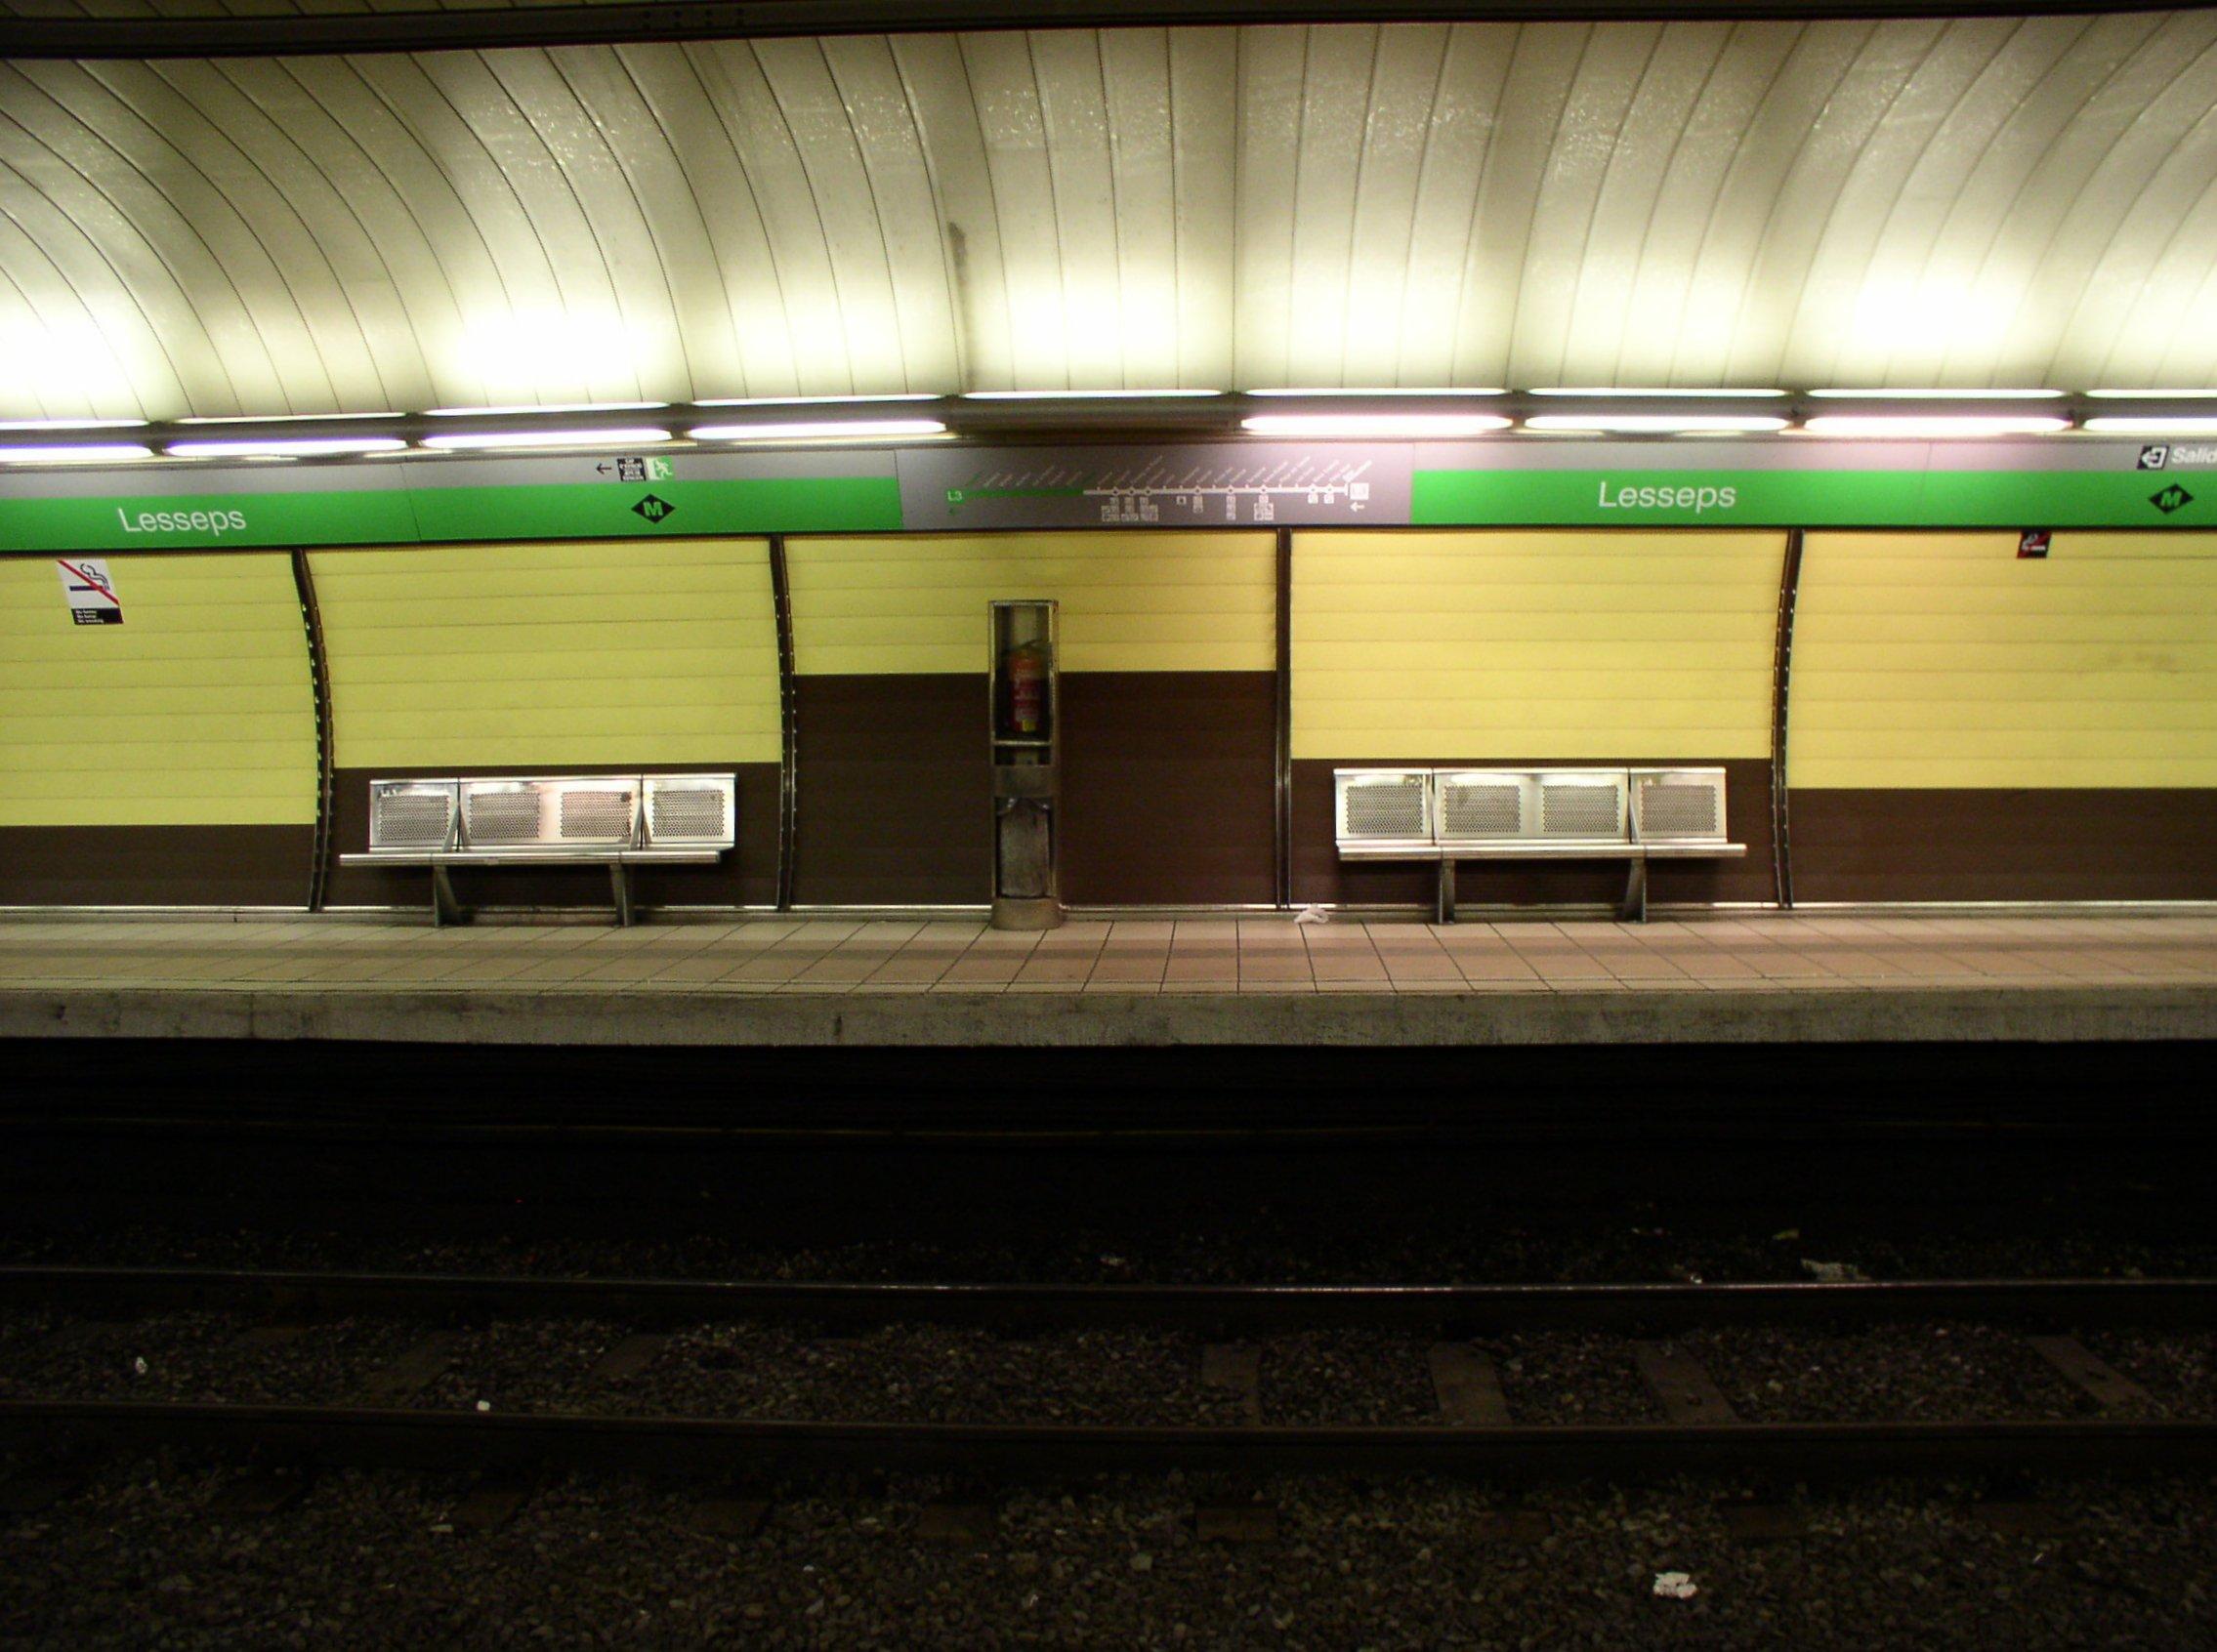 Lessepsin metroasema